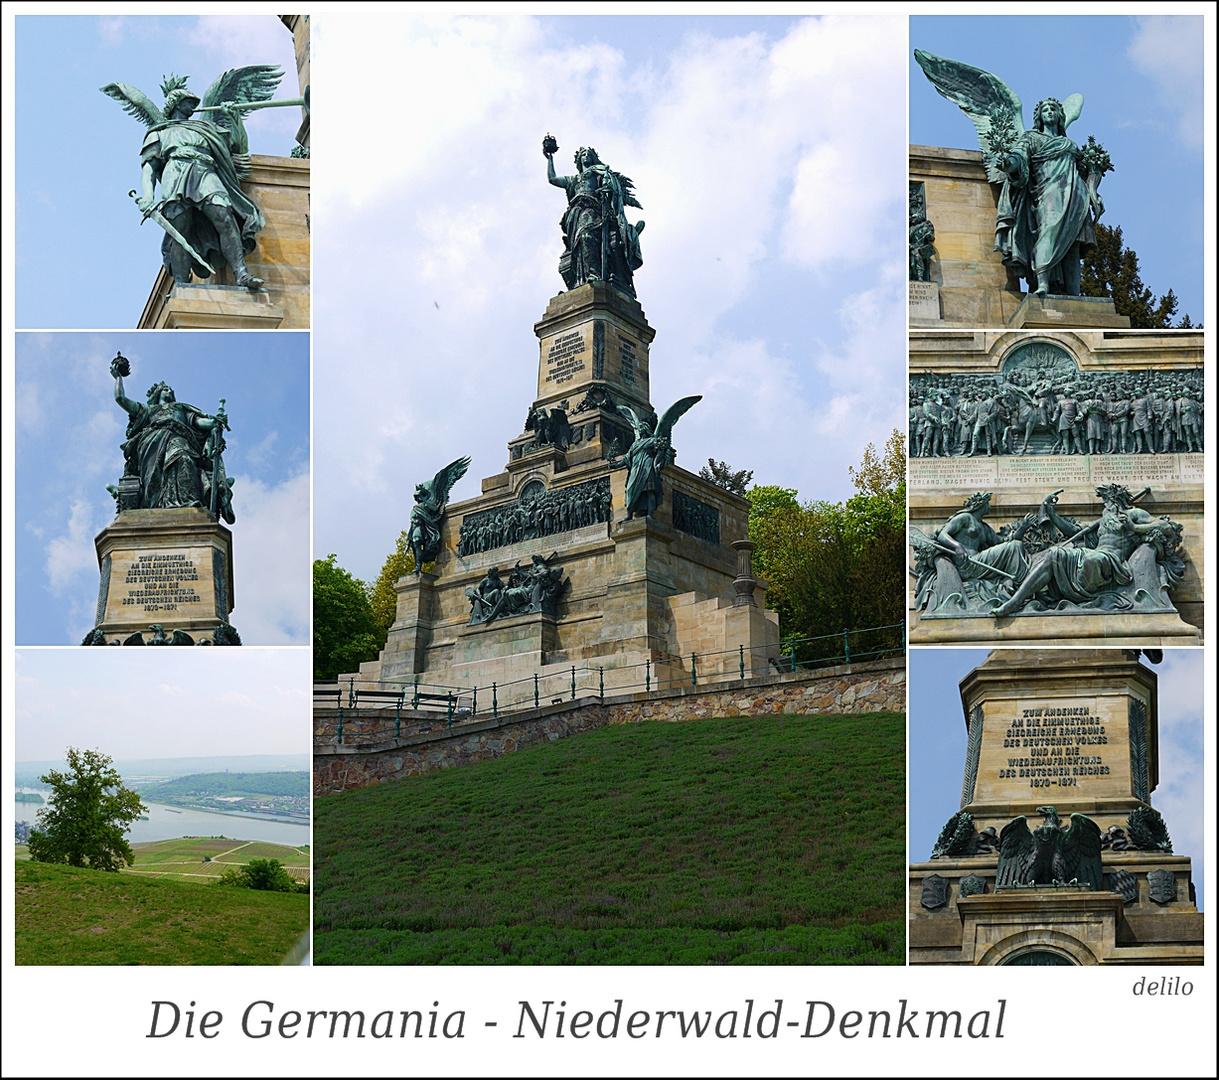 Die Germania - Niederwald-Denkmal